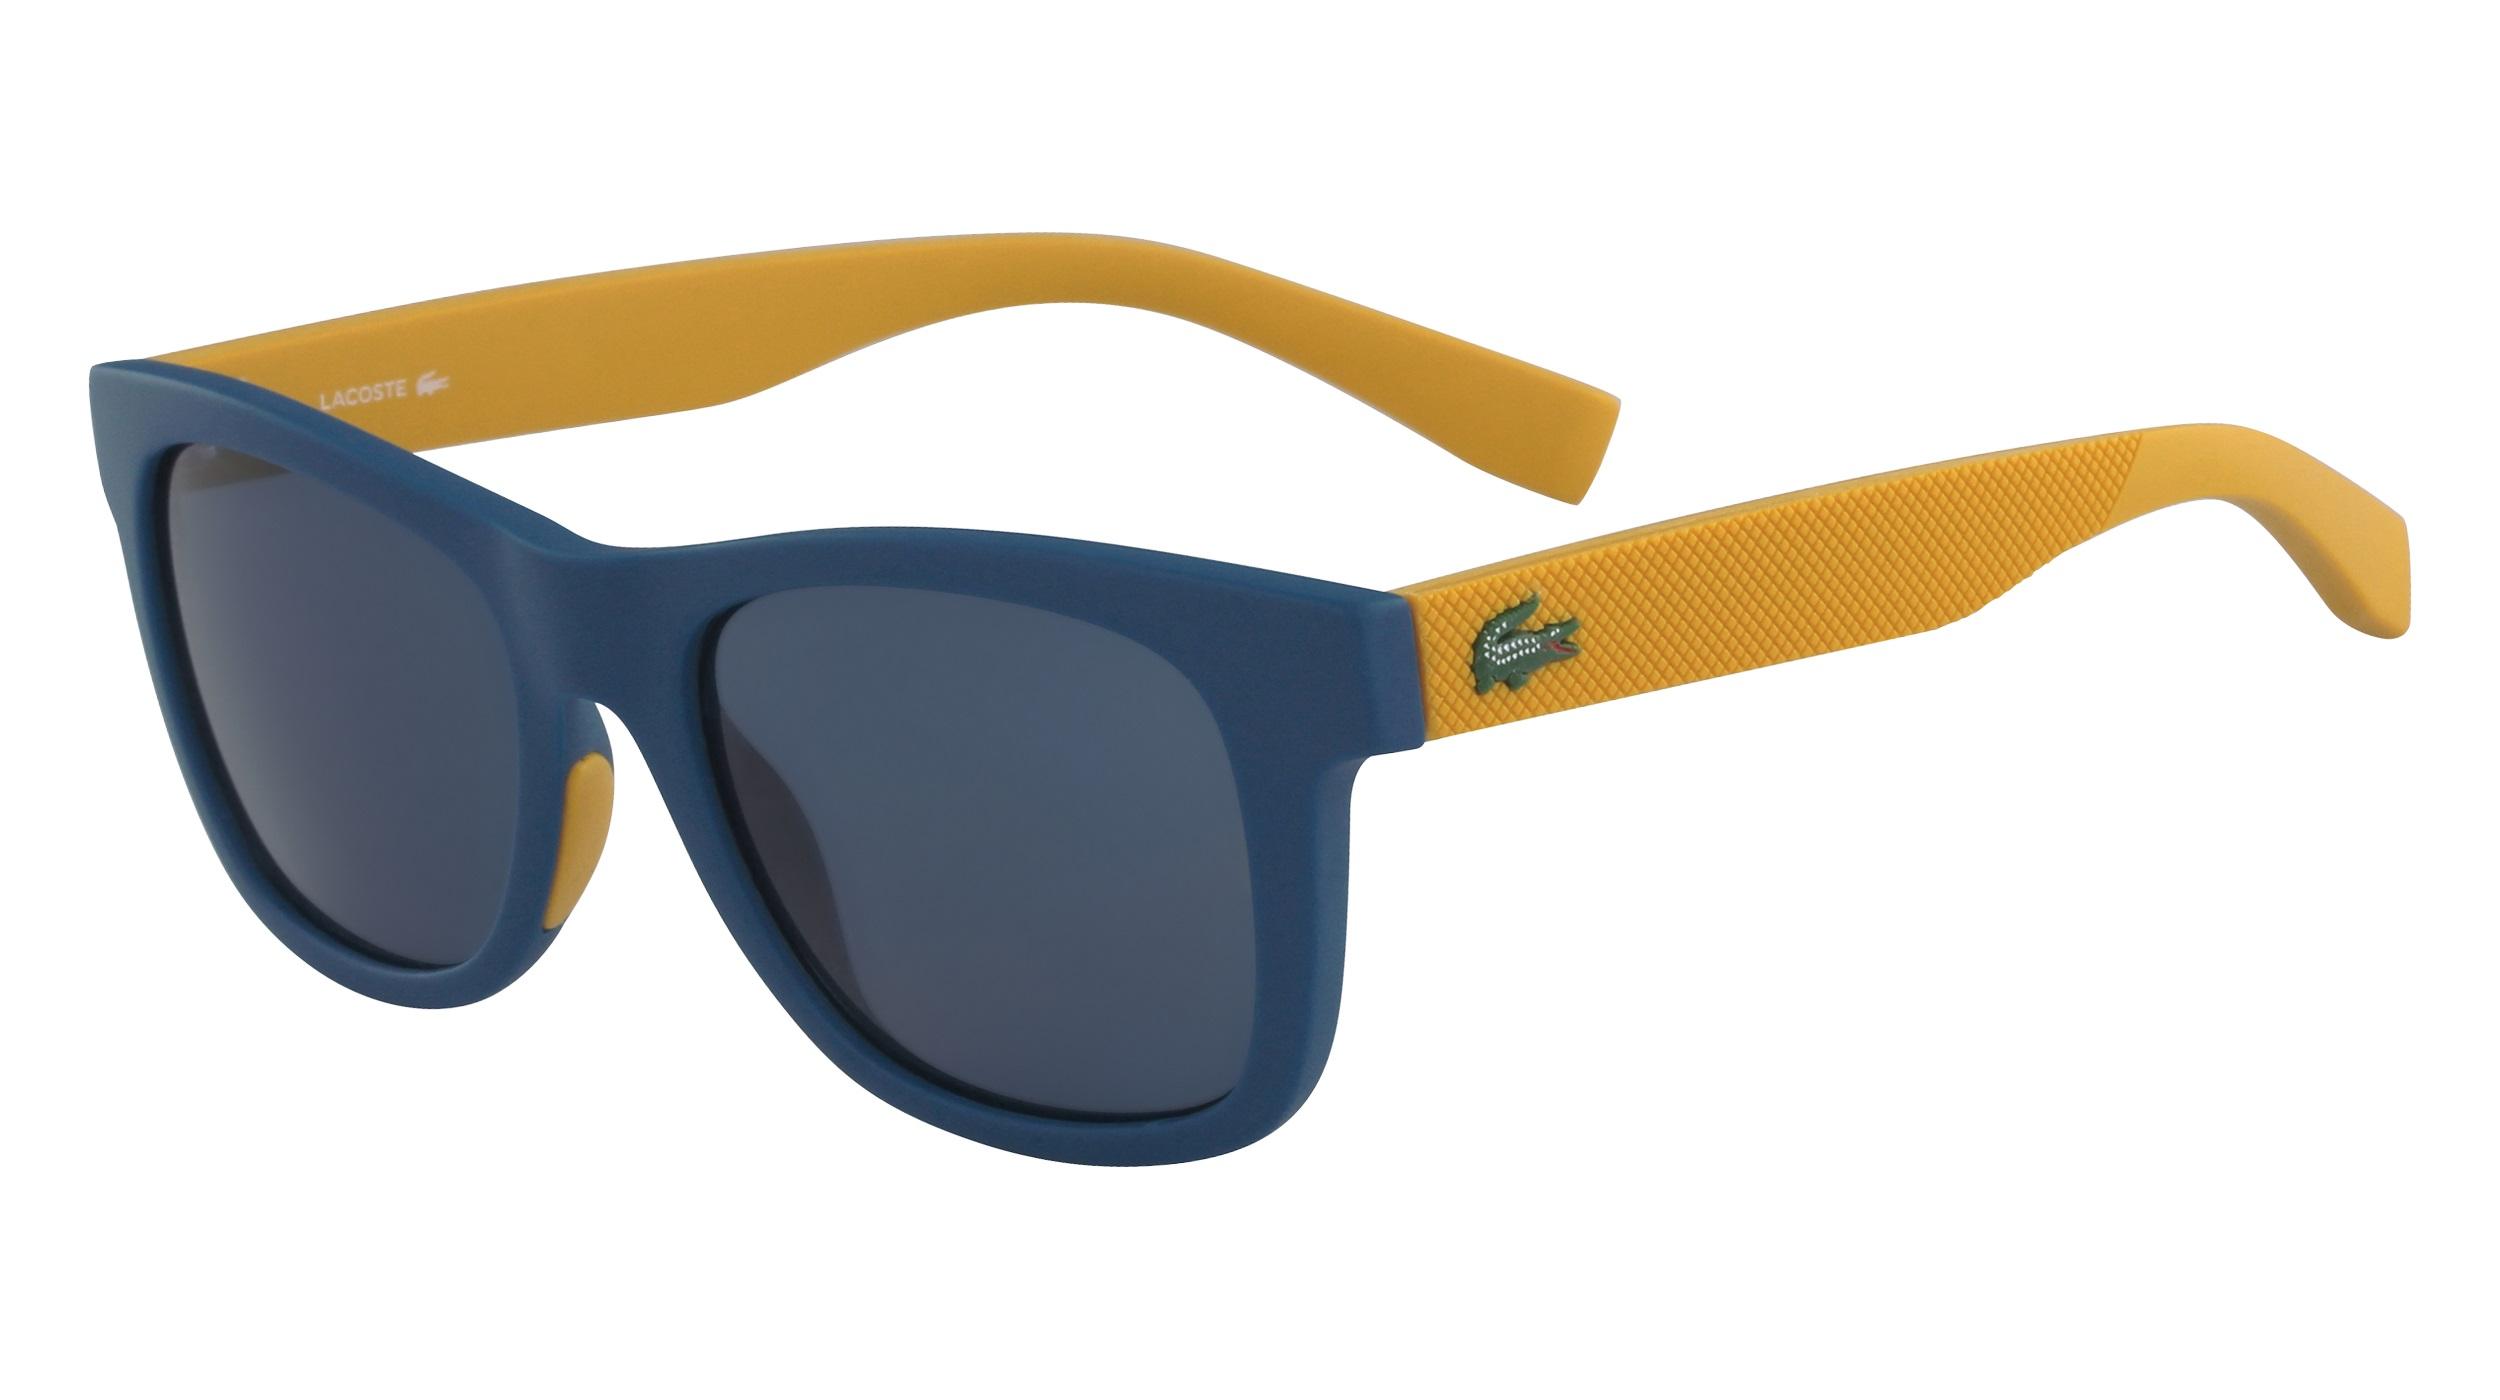 3a14b8774fa Eyewear for Kids - Girl Yellow - Optiwow